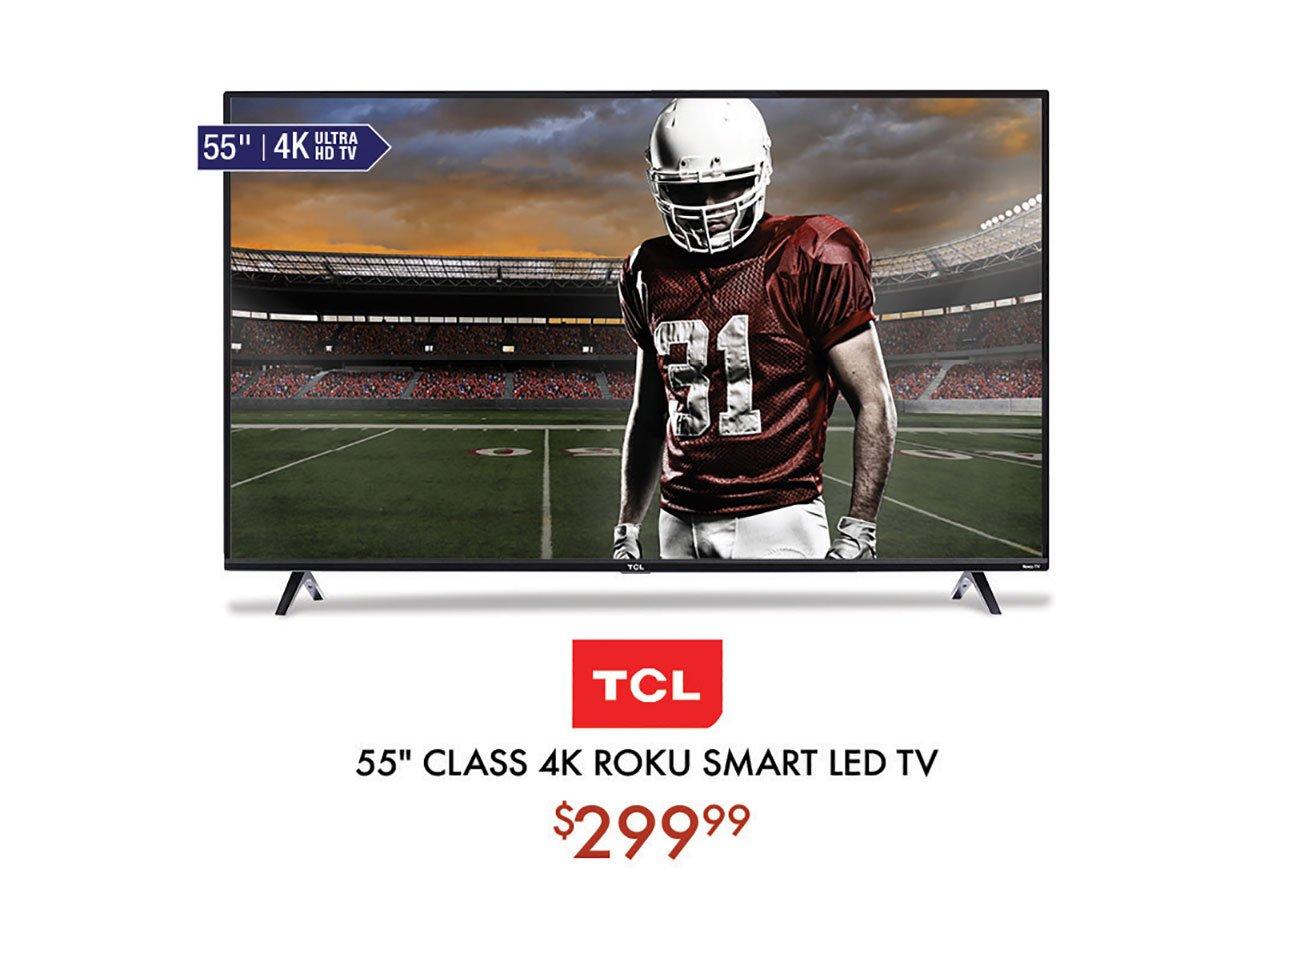 TCL-55-Class-ROKU-LED-TV